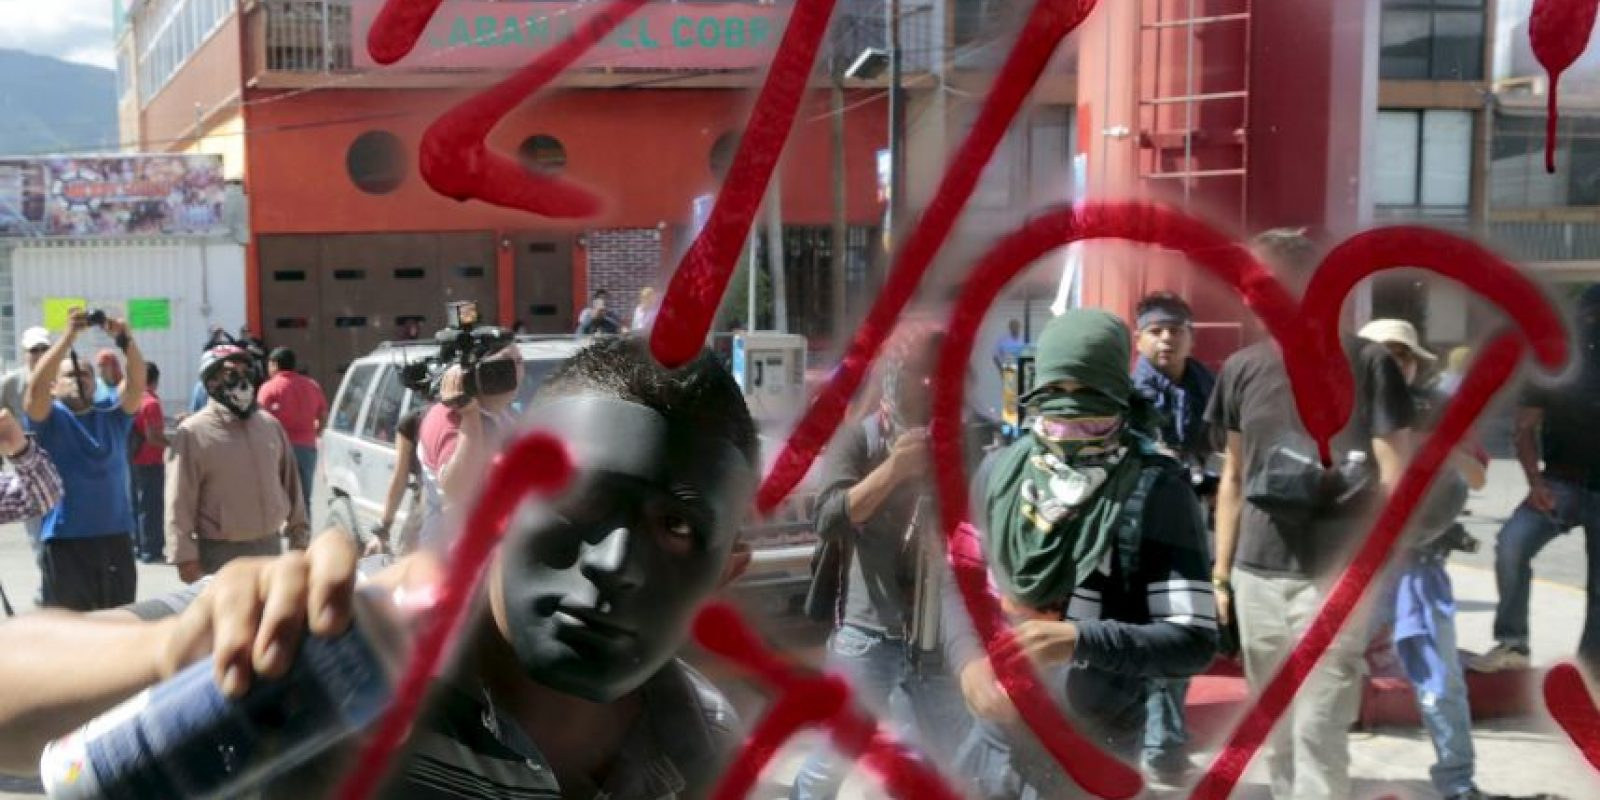 De igual forma, han realizado protestas en diversos países en solidaridad con los estudiantes y sus familias. Foto:AFP